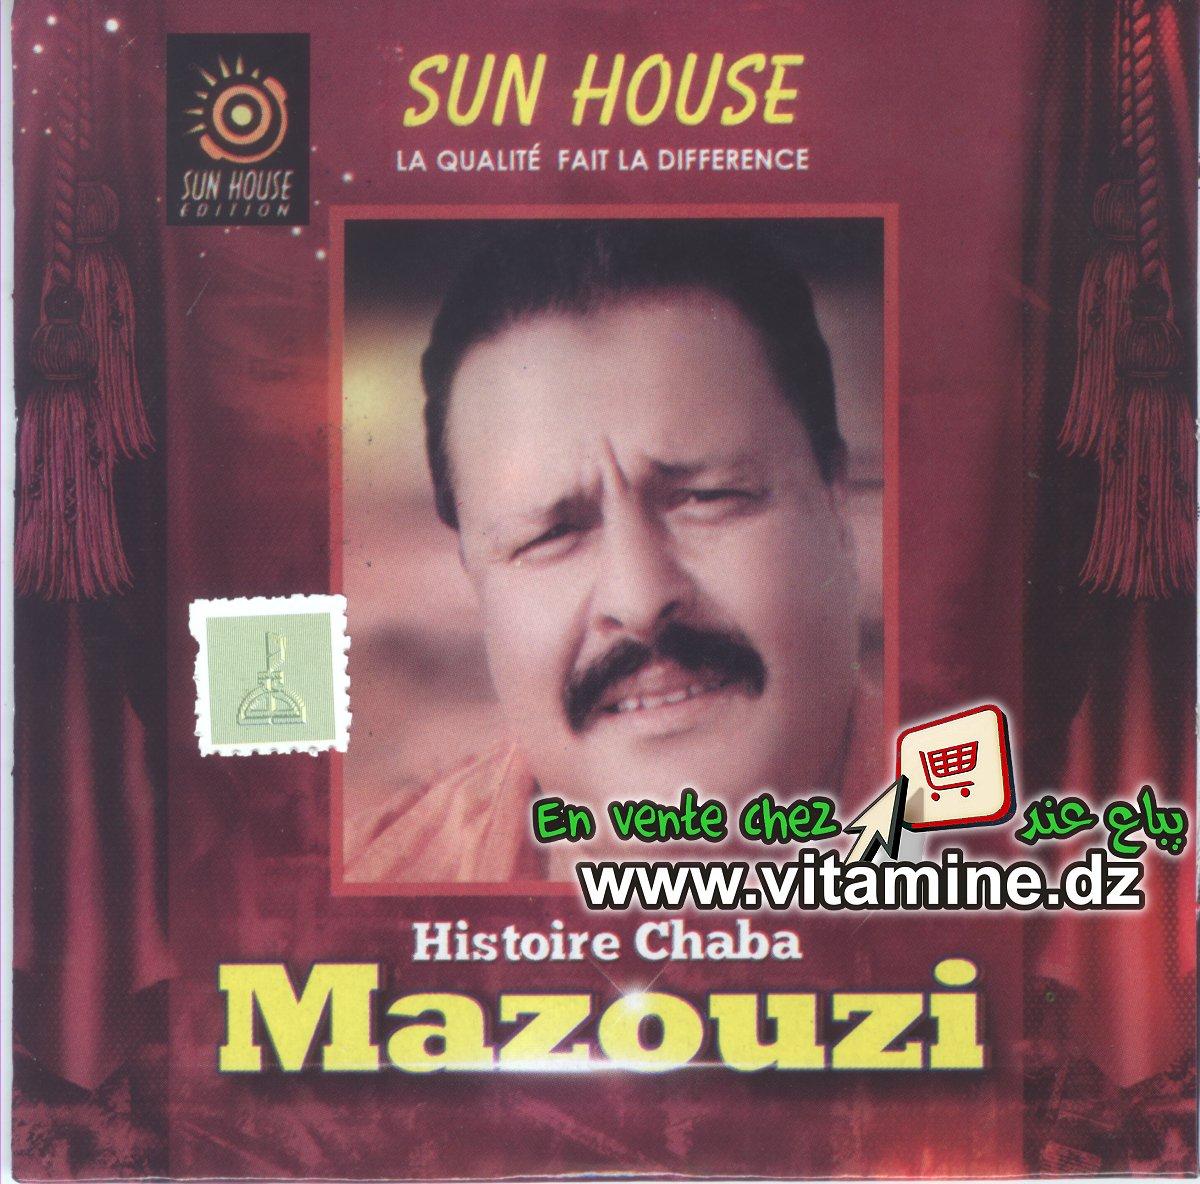 Mazouzi - Histoire Chaba